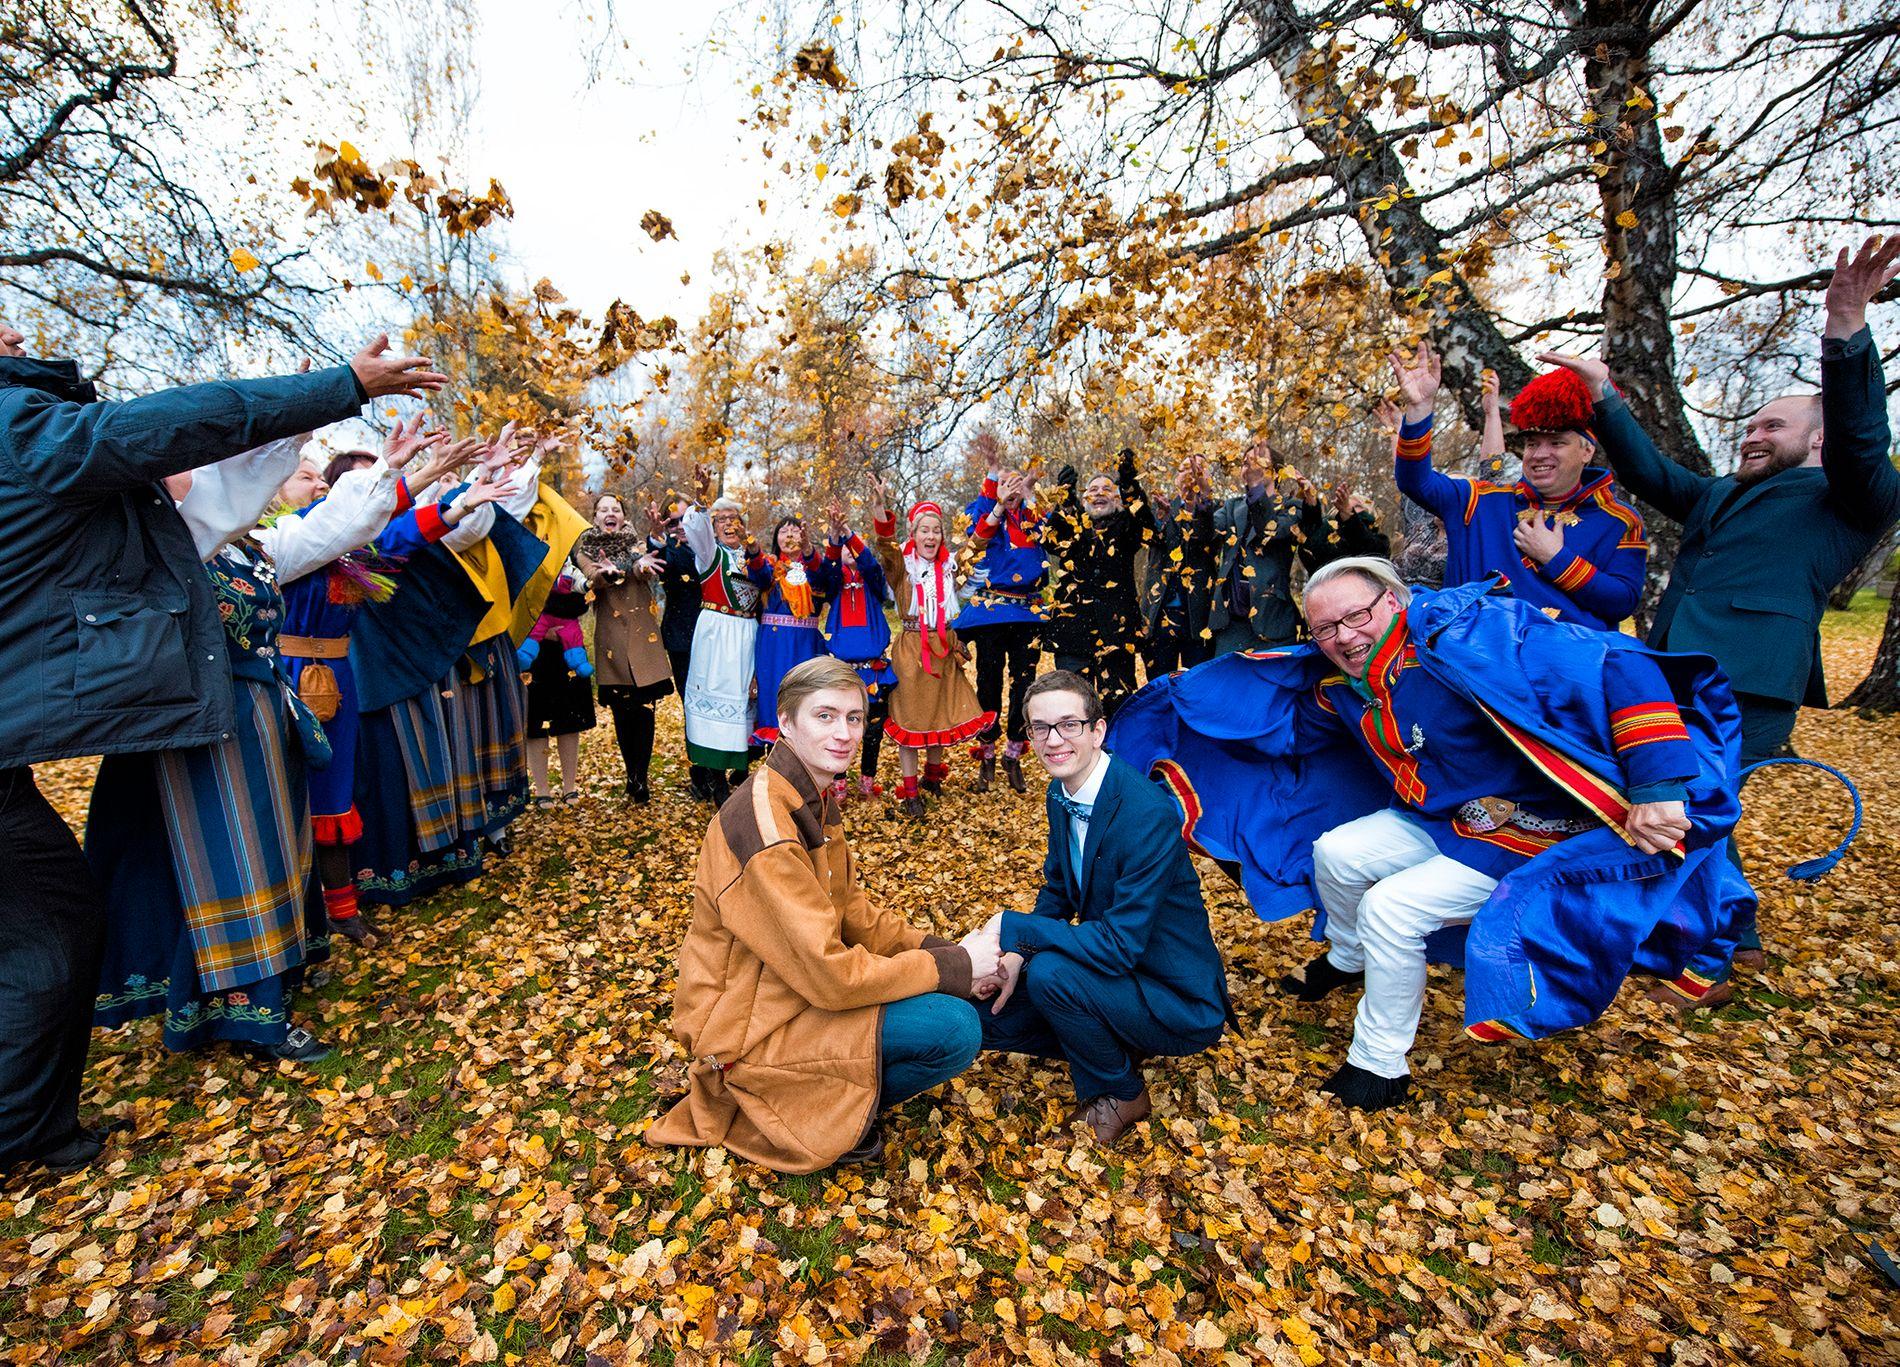 ENDELIG: Lemet Ànde Stueng og Jørgen Starbo Henriksen feiret kjærligheten og giftemålet sammen med familie og venner i Narvik.